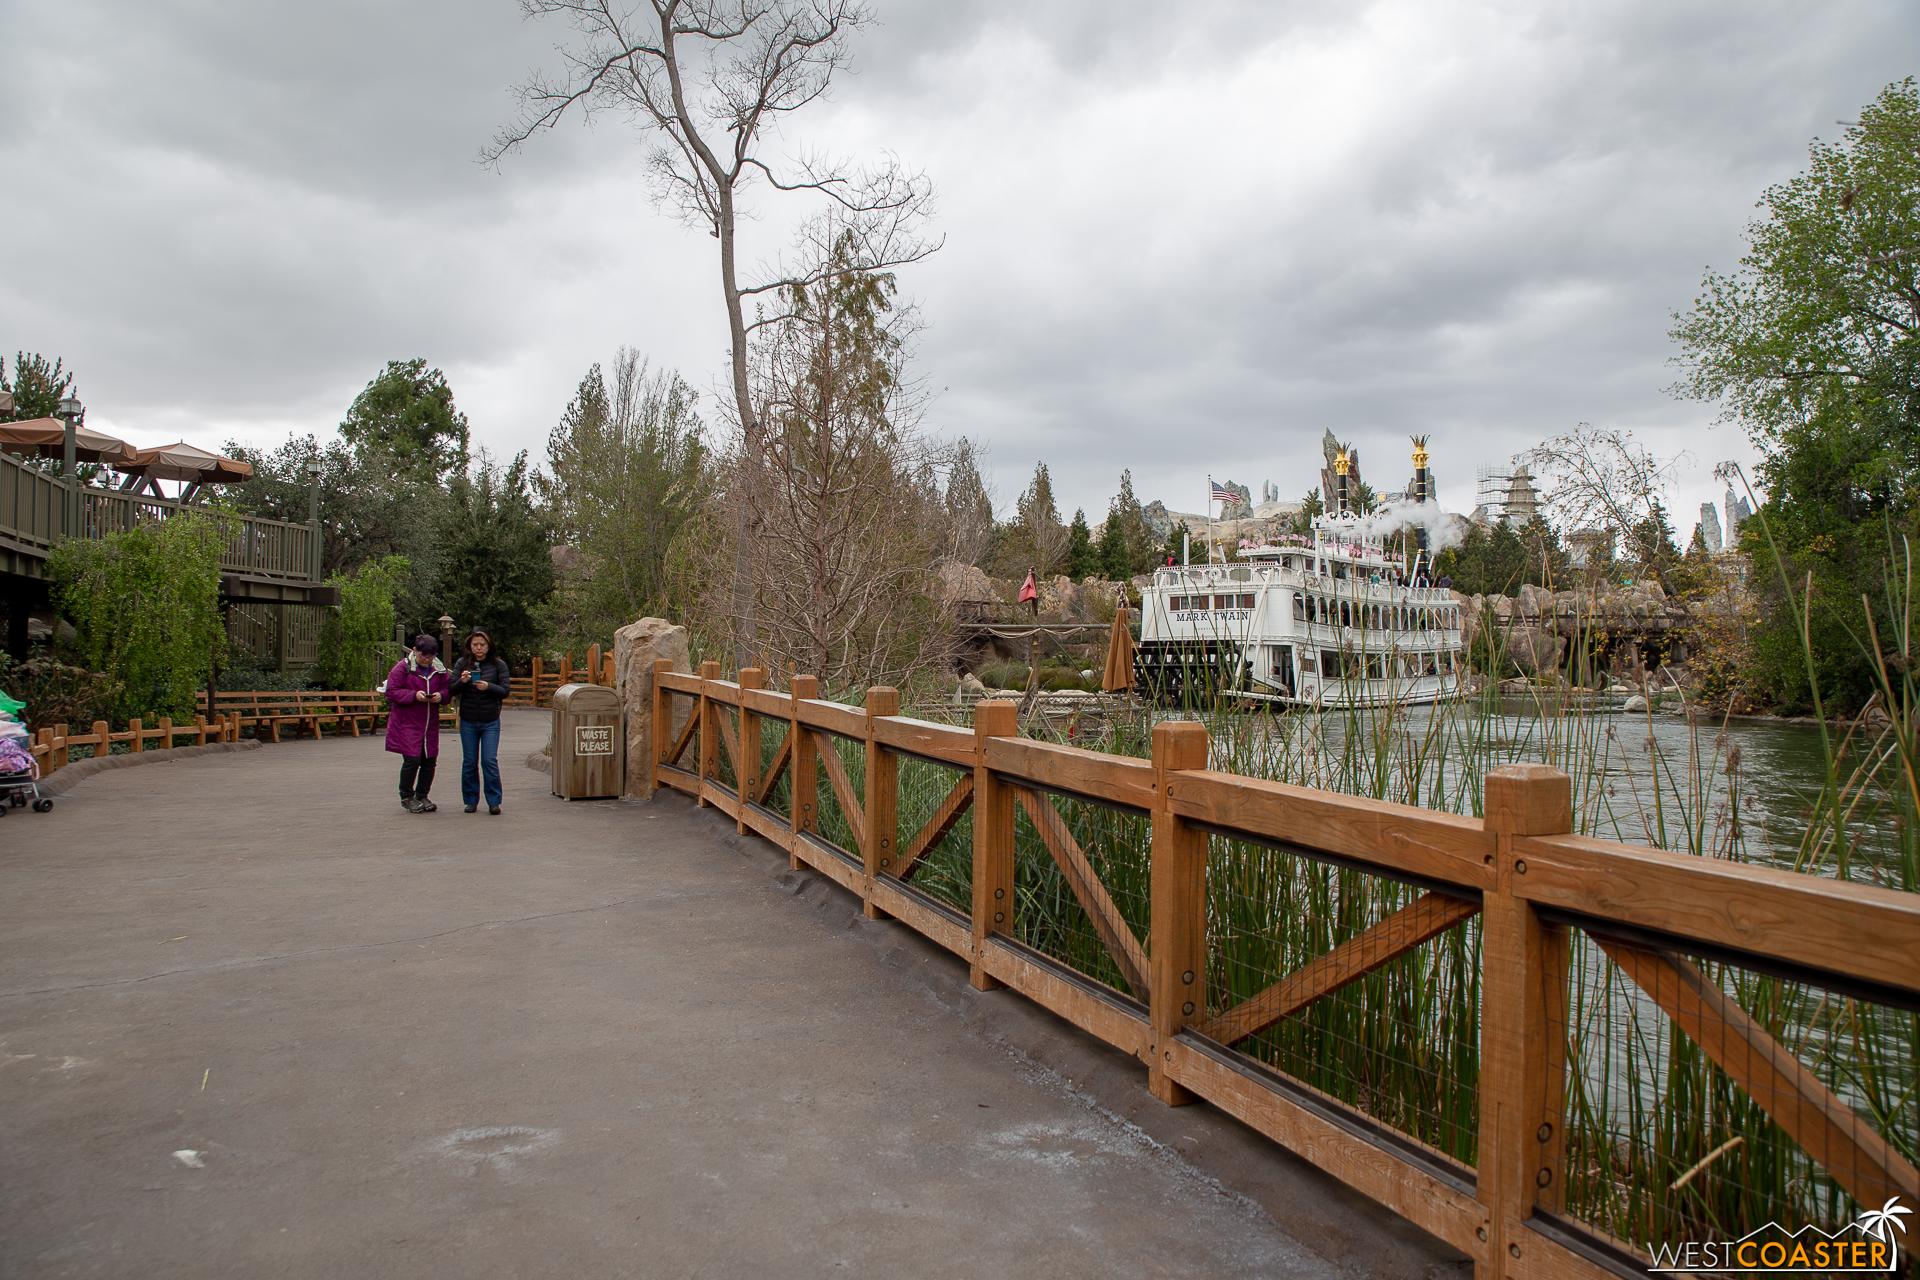 Westcoaster Disneyland Update 2-19-23.jpg